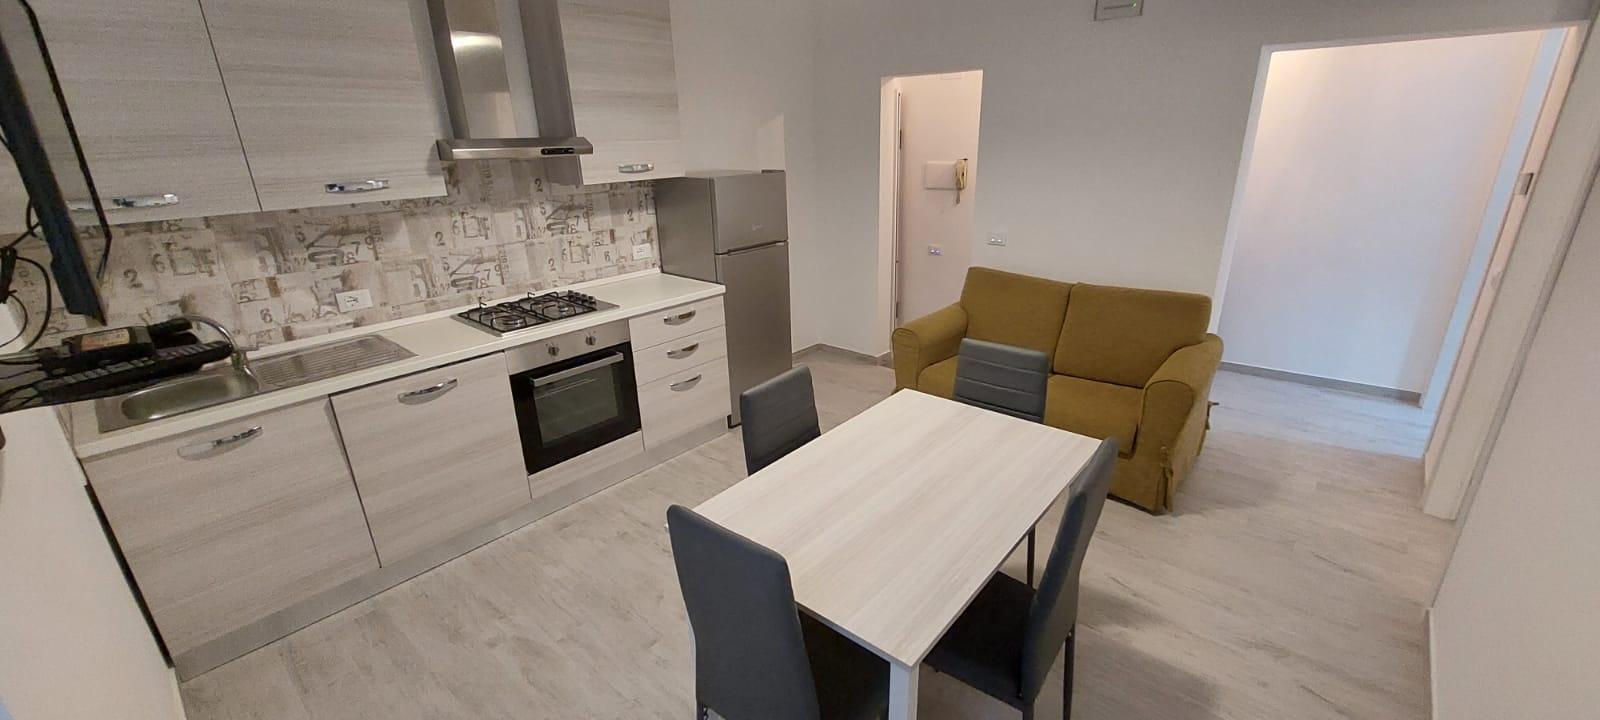 Appartamento in vendita Viale Giovanni Amendola 30 Chieti (CH)